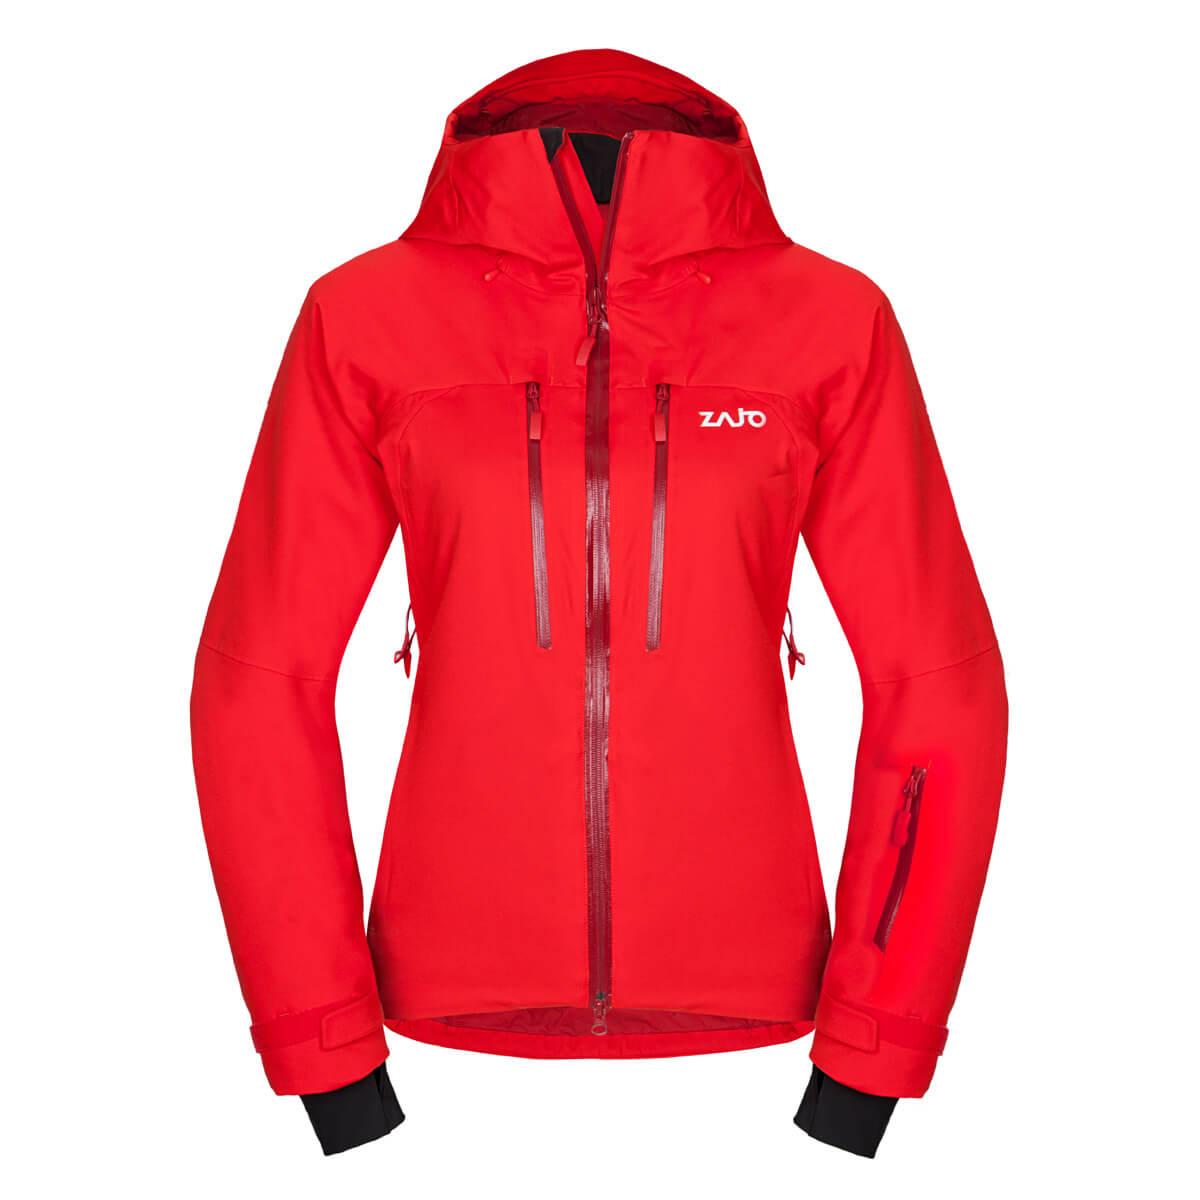 Dámska bunda Zajo Nuuk Neo W JKT Fiery Red - veľkosť M